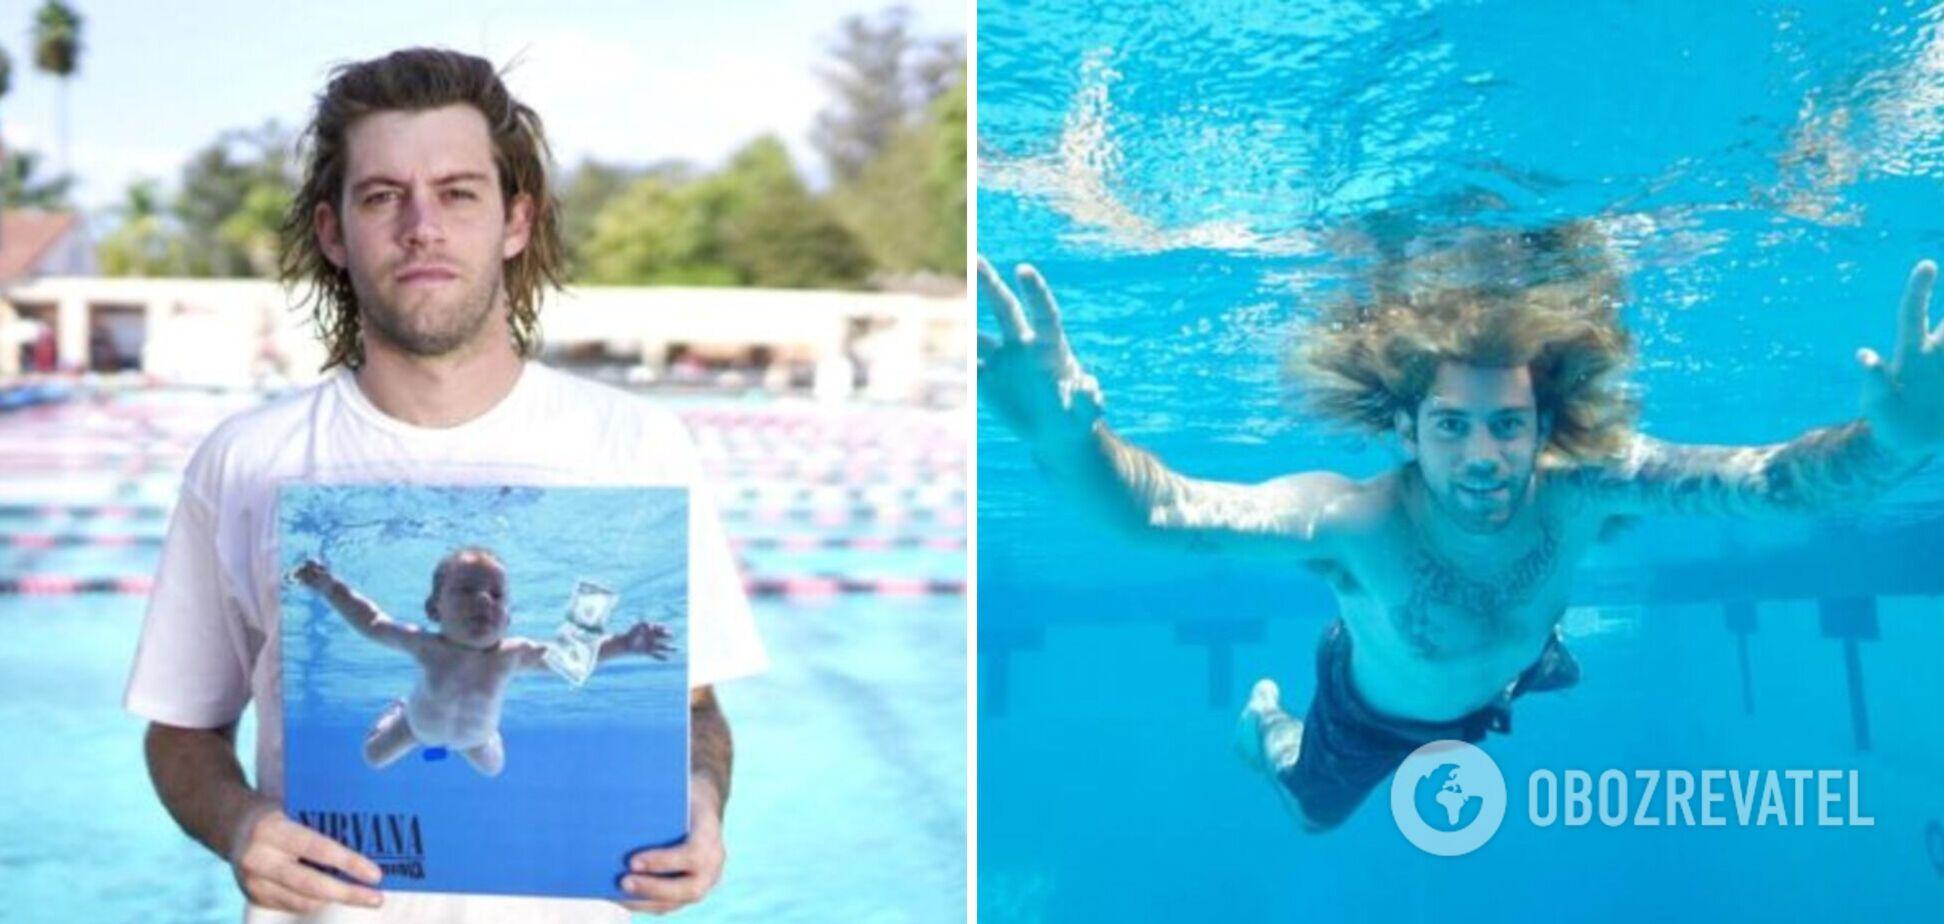 Младенец с обложки альбома Nevermind подал в суд на участников группы Nirvana